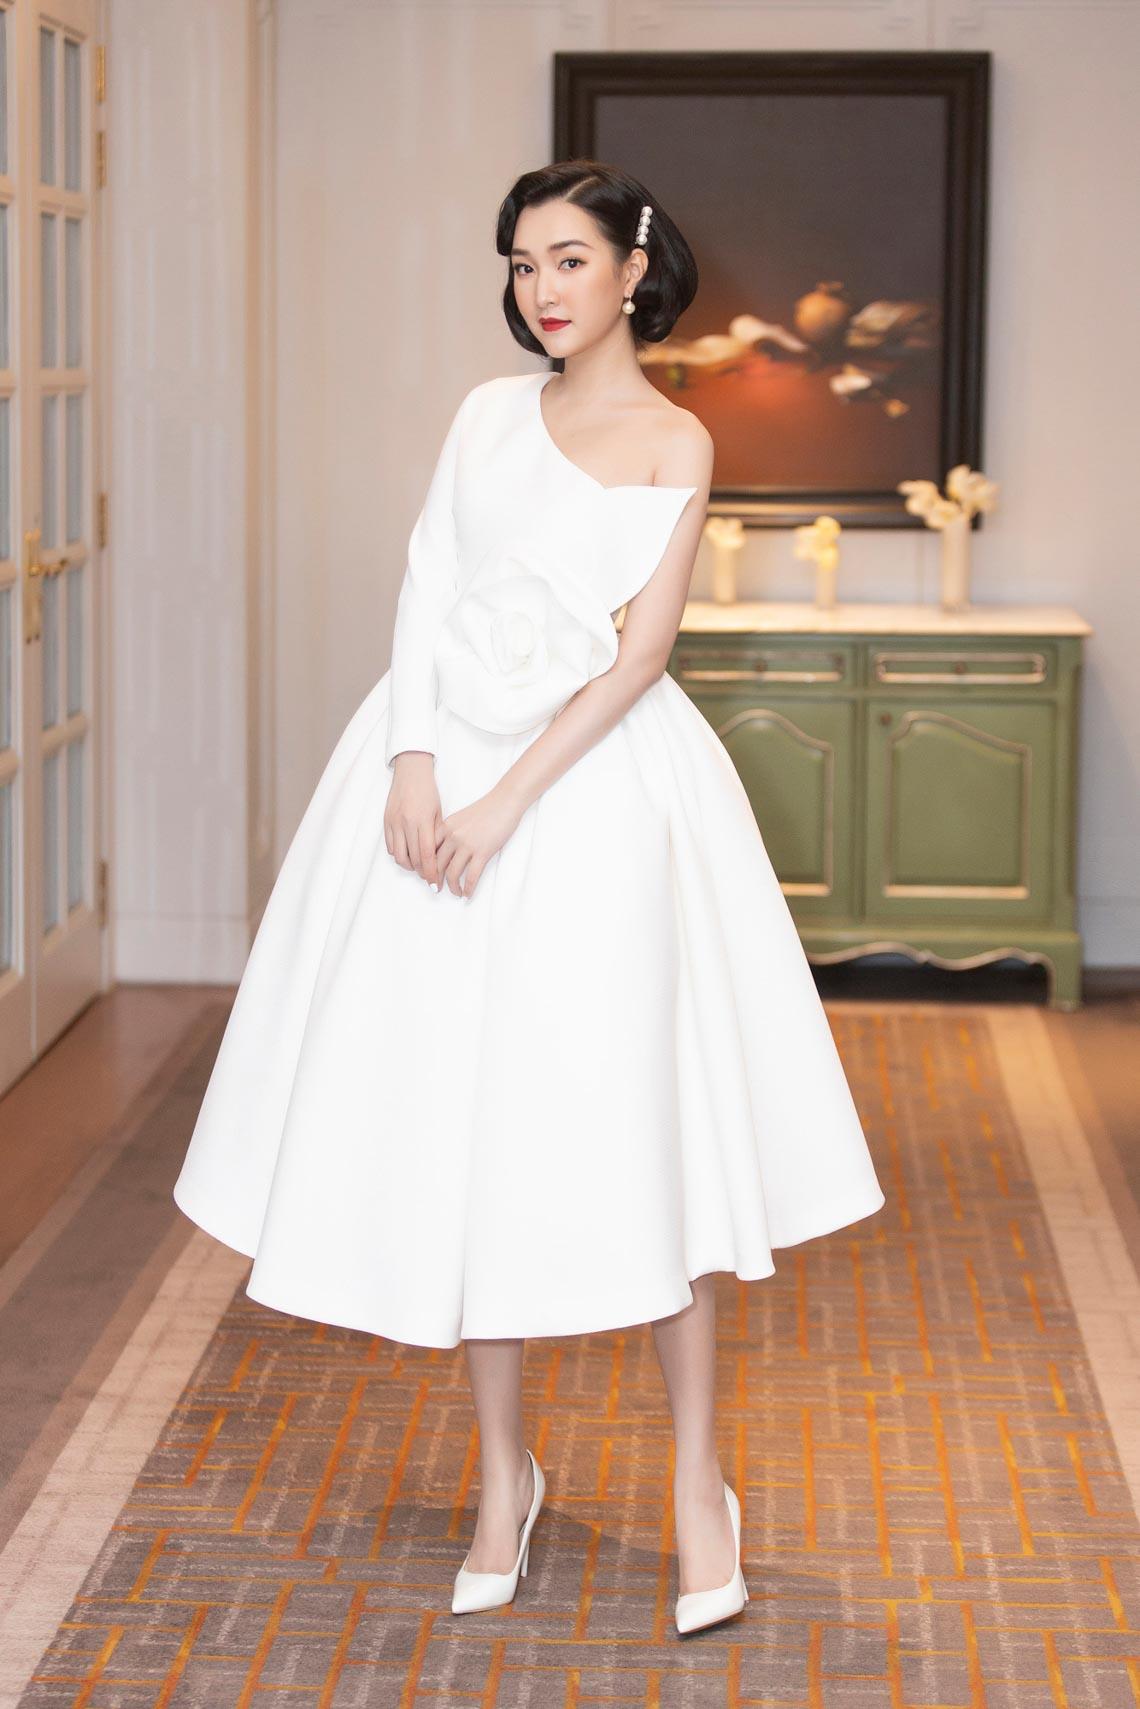 Dàn mỹ nhân diện trang phục trắng tinh khôi của NTK Đỗ Mạnh Cường - 2